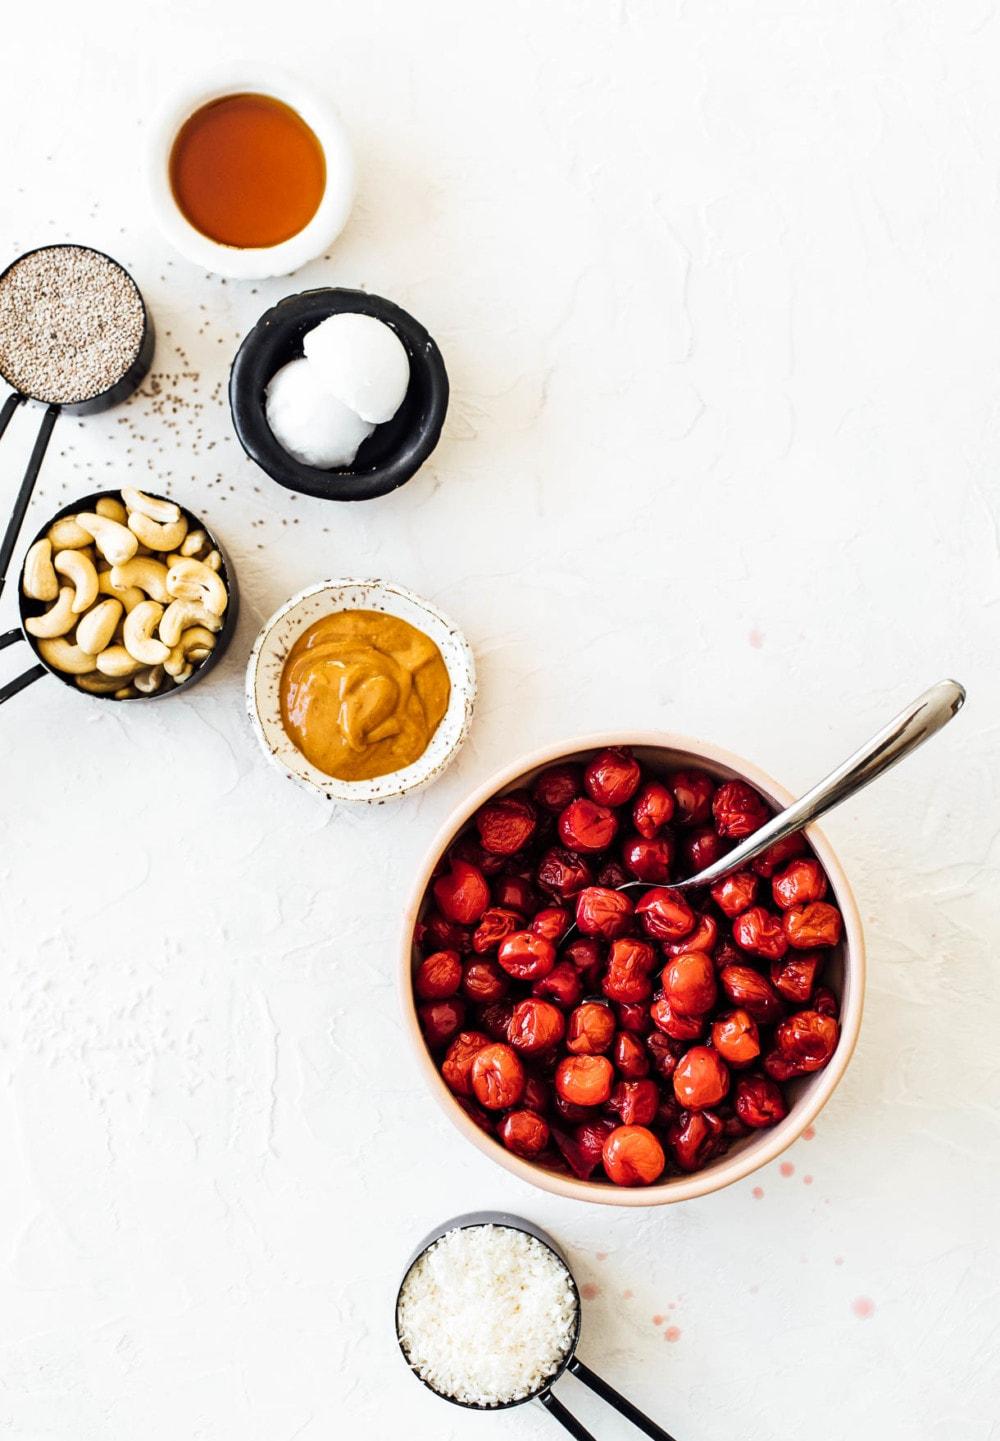 frozen tart cherries and ingredients